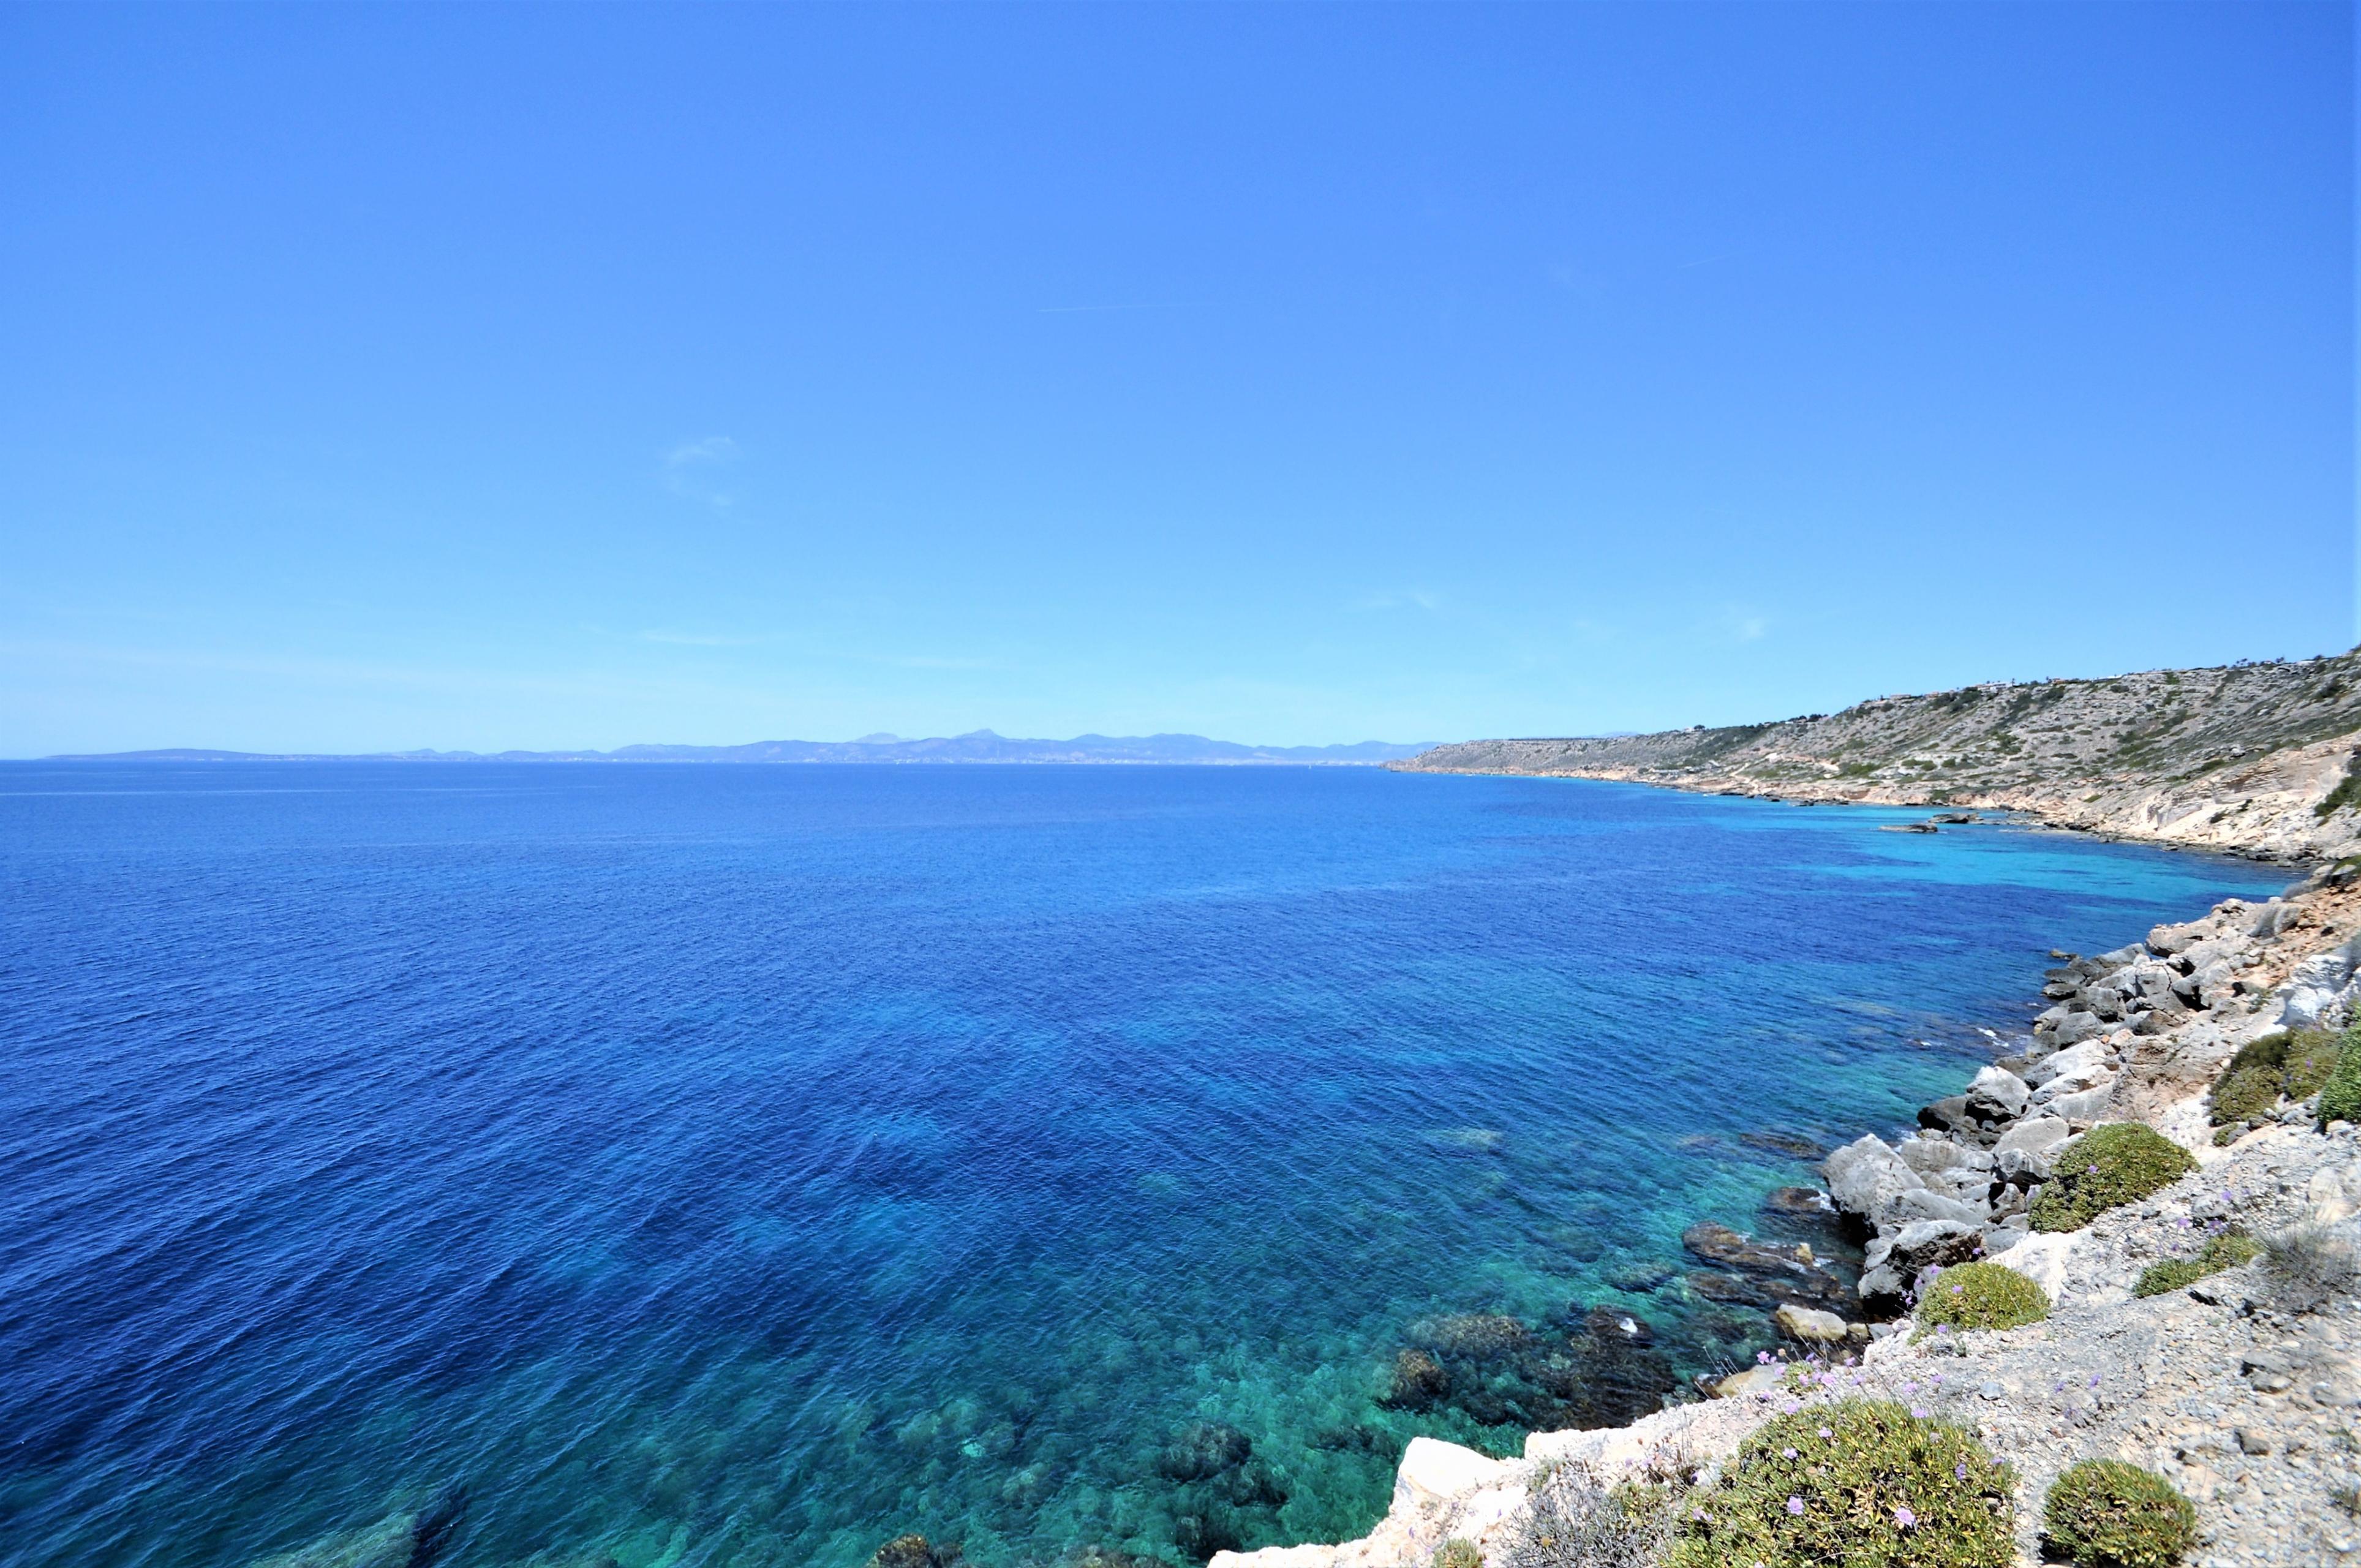 Maison de vacances VILLA BAY BLUE- Bahia Azul- Mallorca - VILLAONLINE - Kostenloses WLAN (2684052), Bahia Azul, Majorque, Iles Baléares, Espagne, image 60